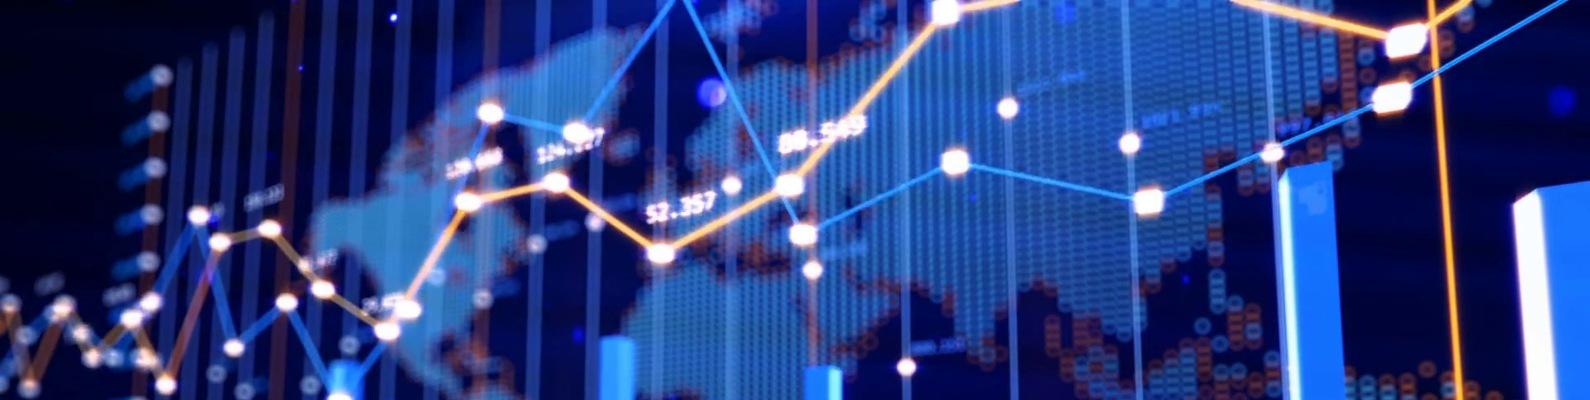 Кредит с просрочками x fin ru чем грозит неуплата кредита в банке